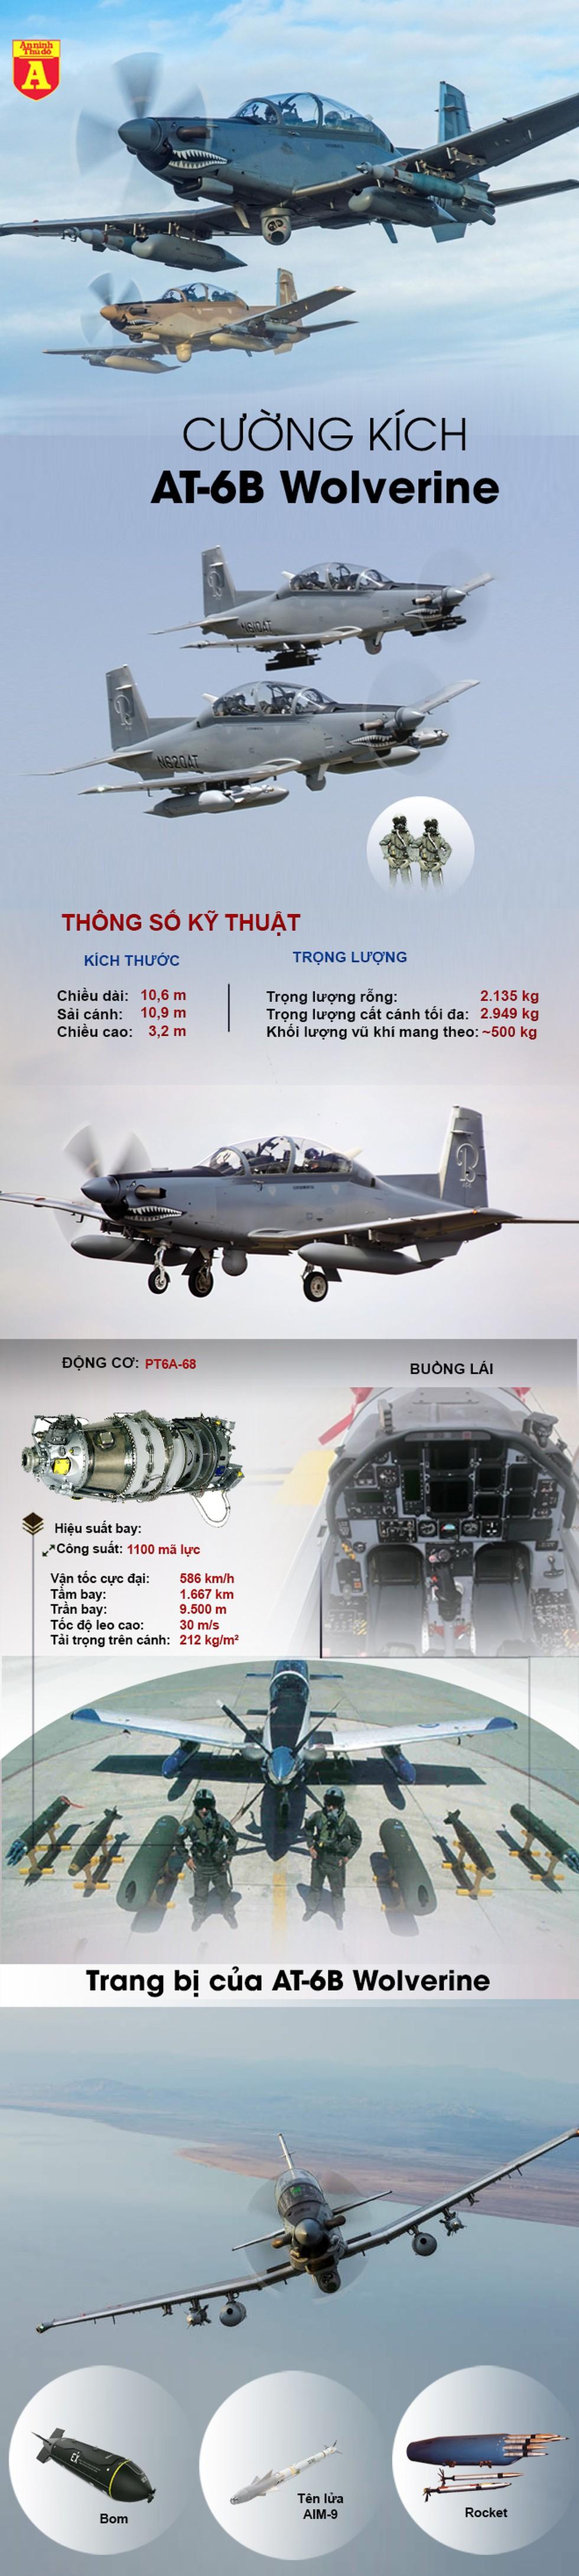 """[Infographic] Cường kích """"ngon-bổ-rẻ"""" của Mỹ sẽ thắng lớn tại Đông Nam Á? - Ảnh 1"""